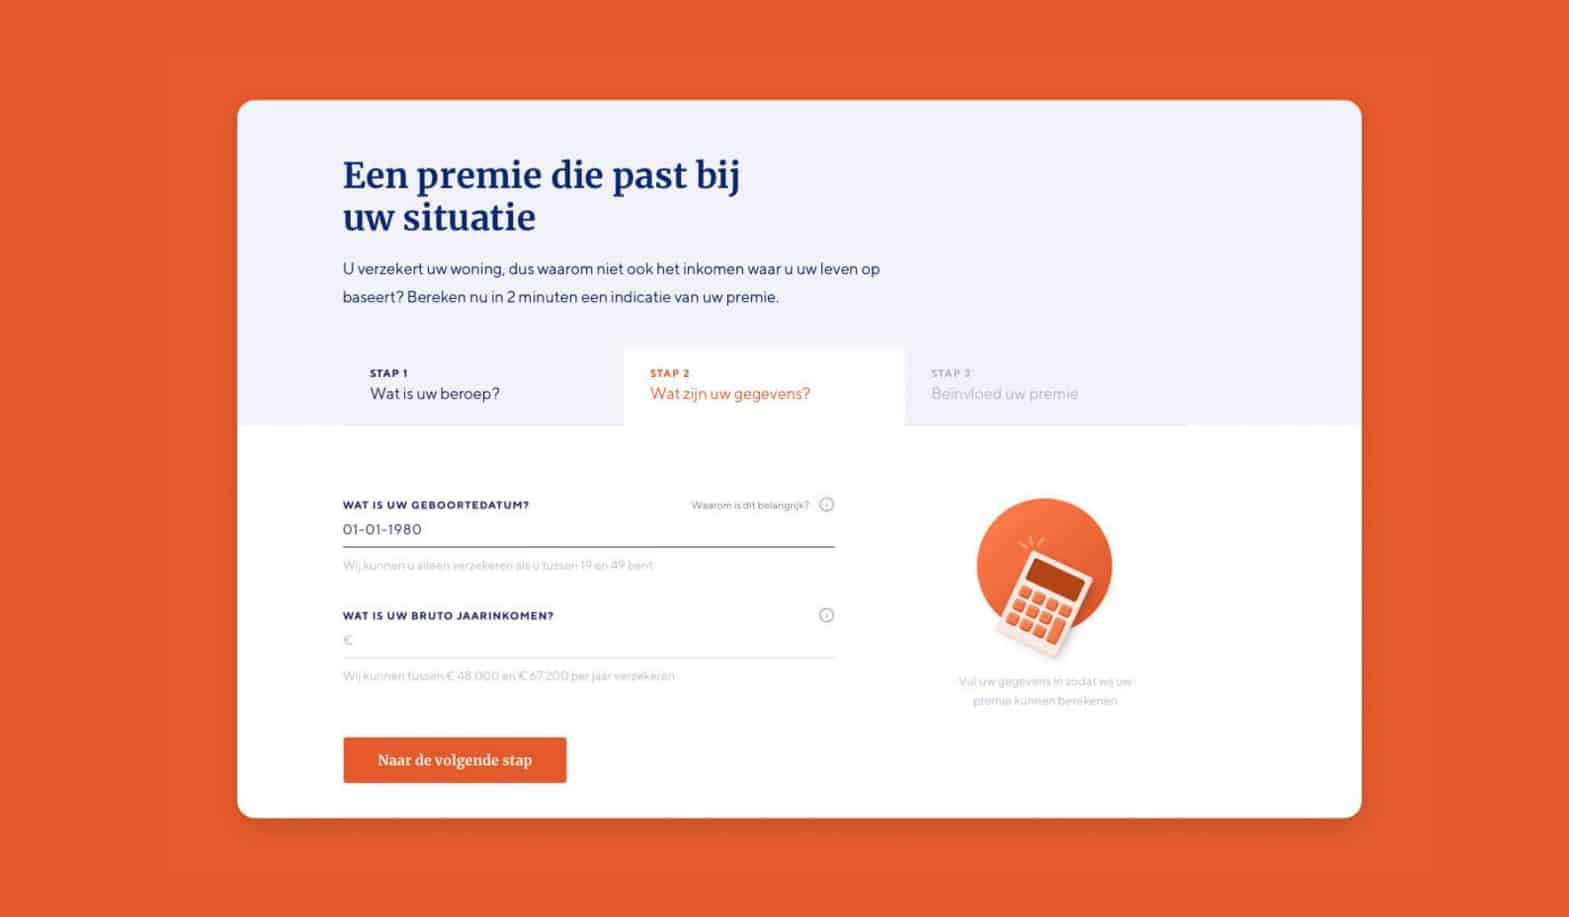 Copy geschreven door Nina Vossen voor Movirs tool die kosten voor de premie berekent